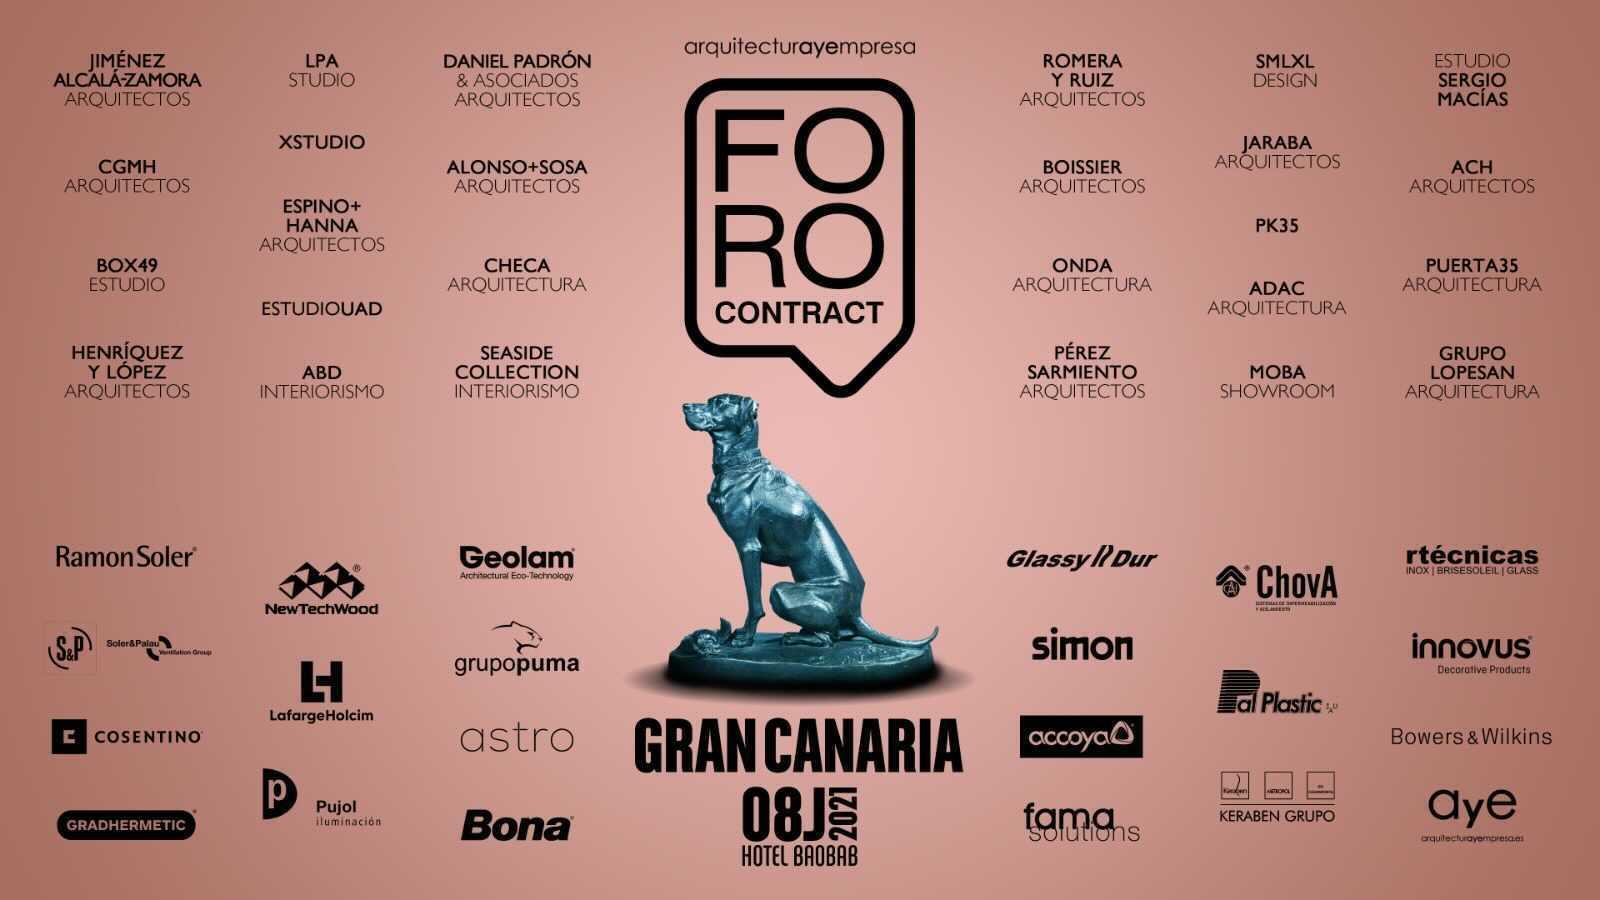 GlassyDur acudirá al FORO Contract en Gran Canaria